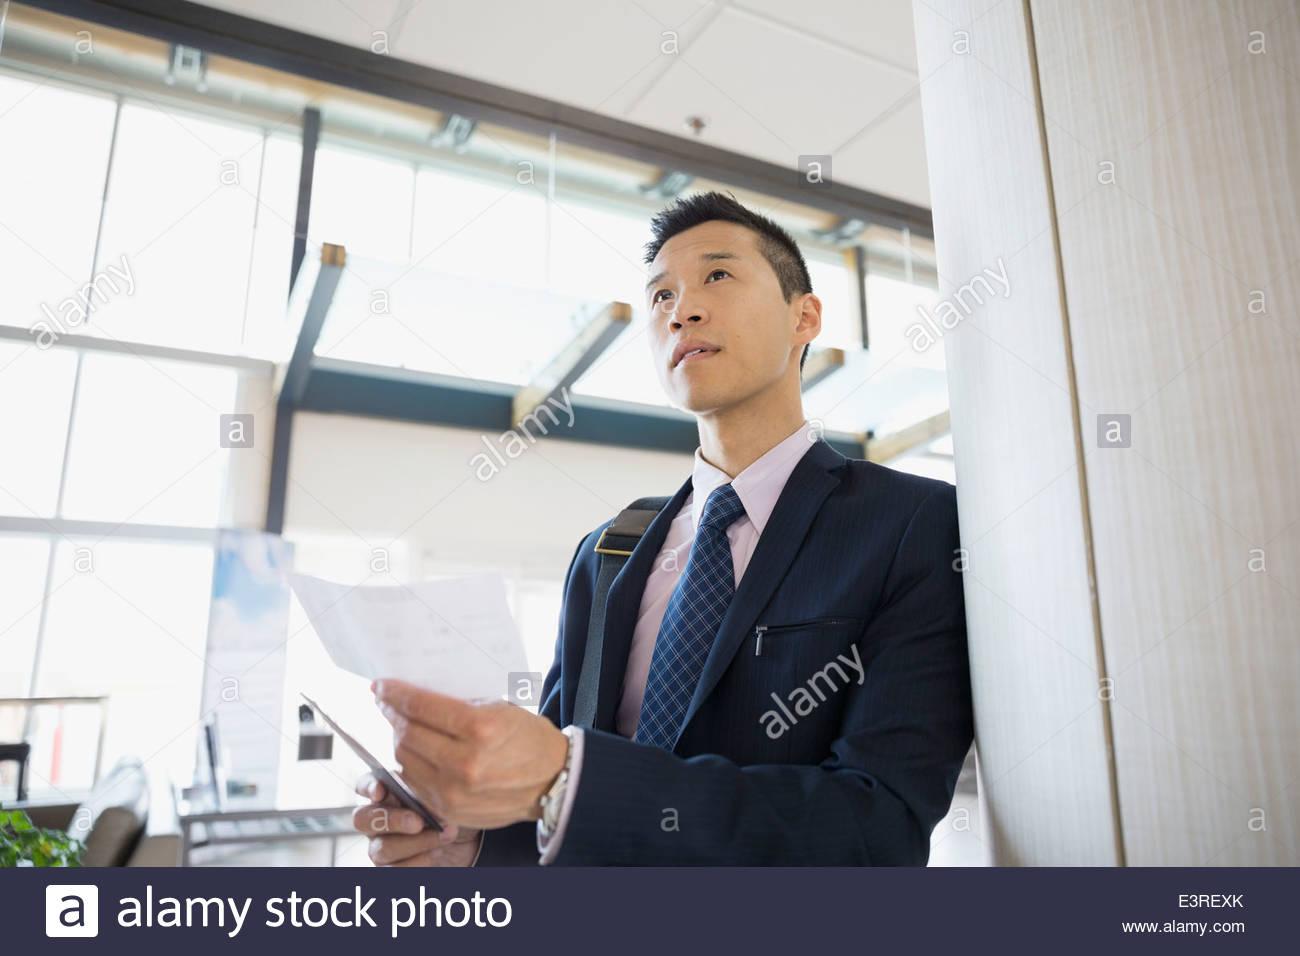 Businessman avec ticket en attente dans l'aéroport Photo Stock